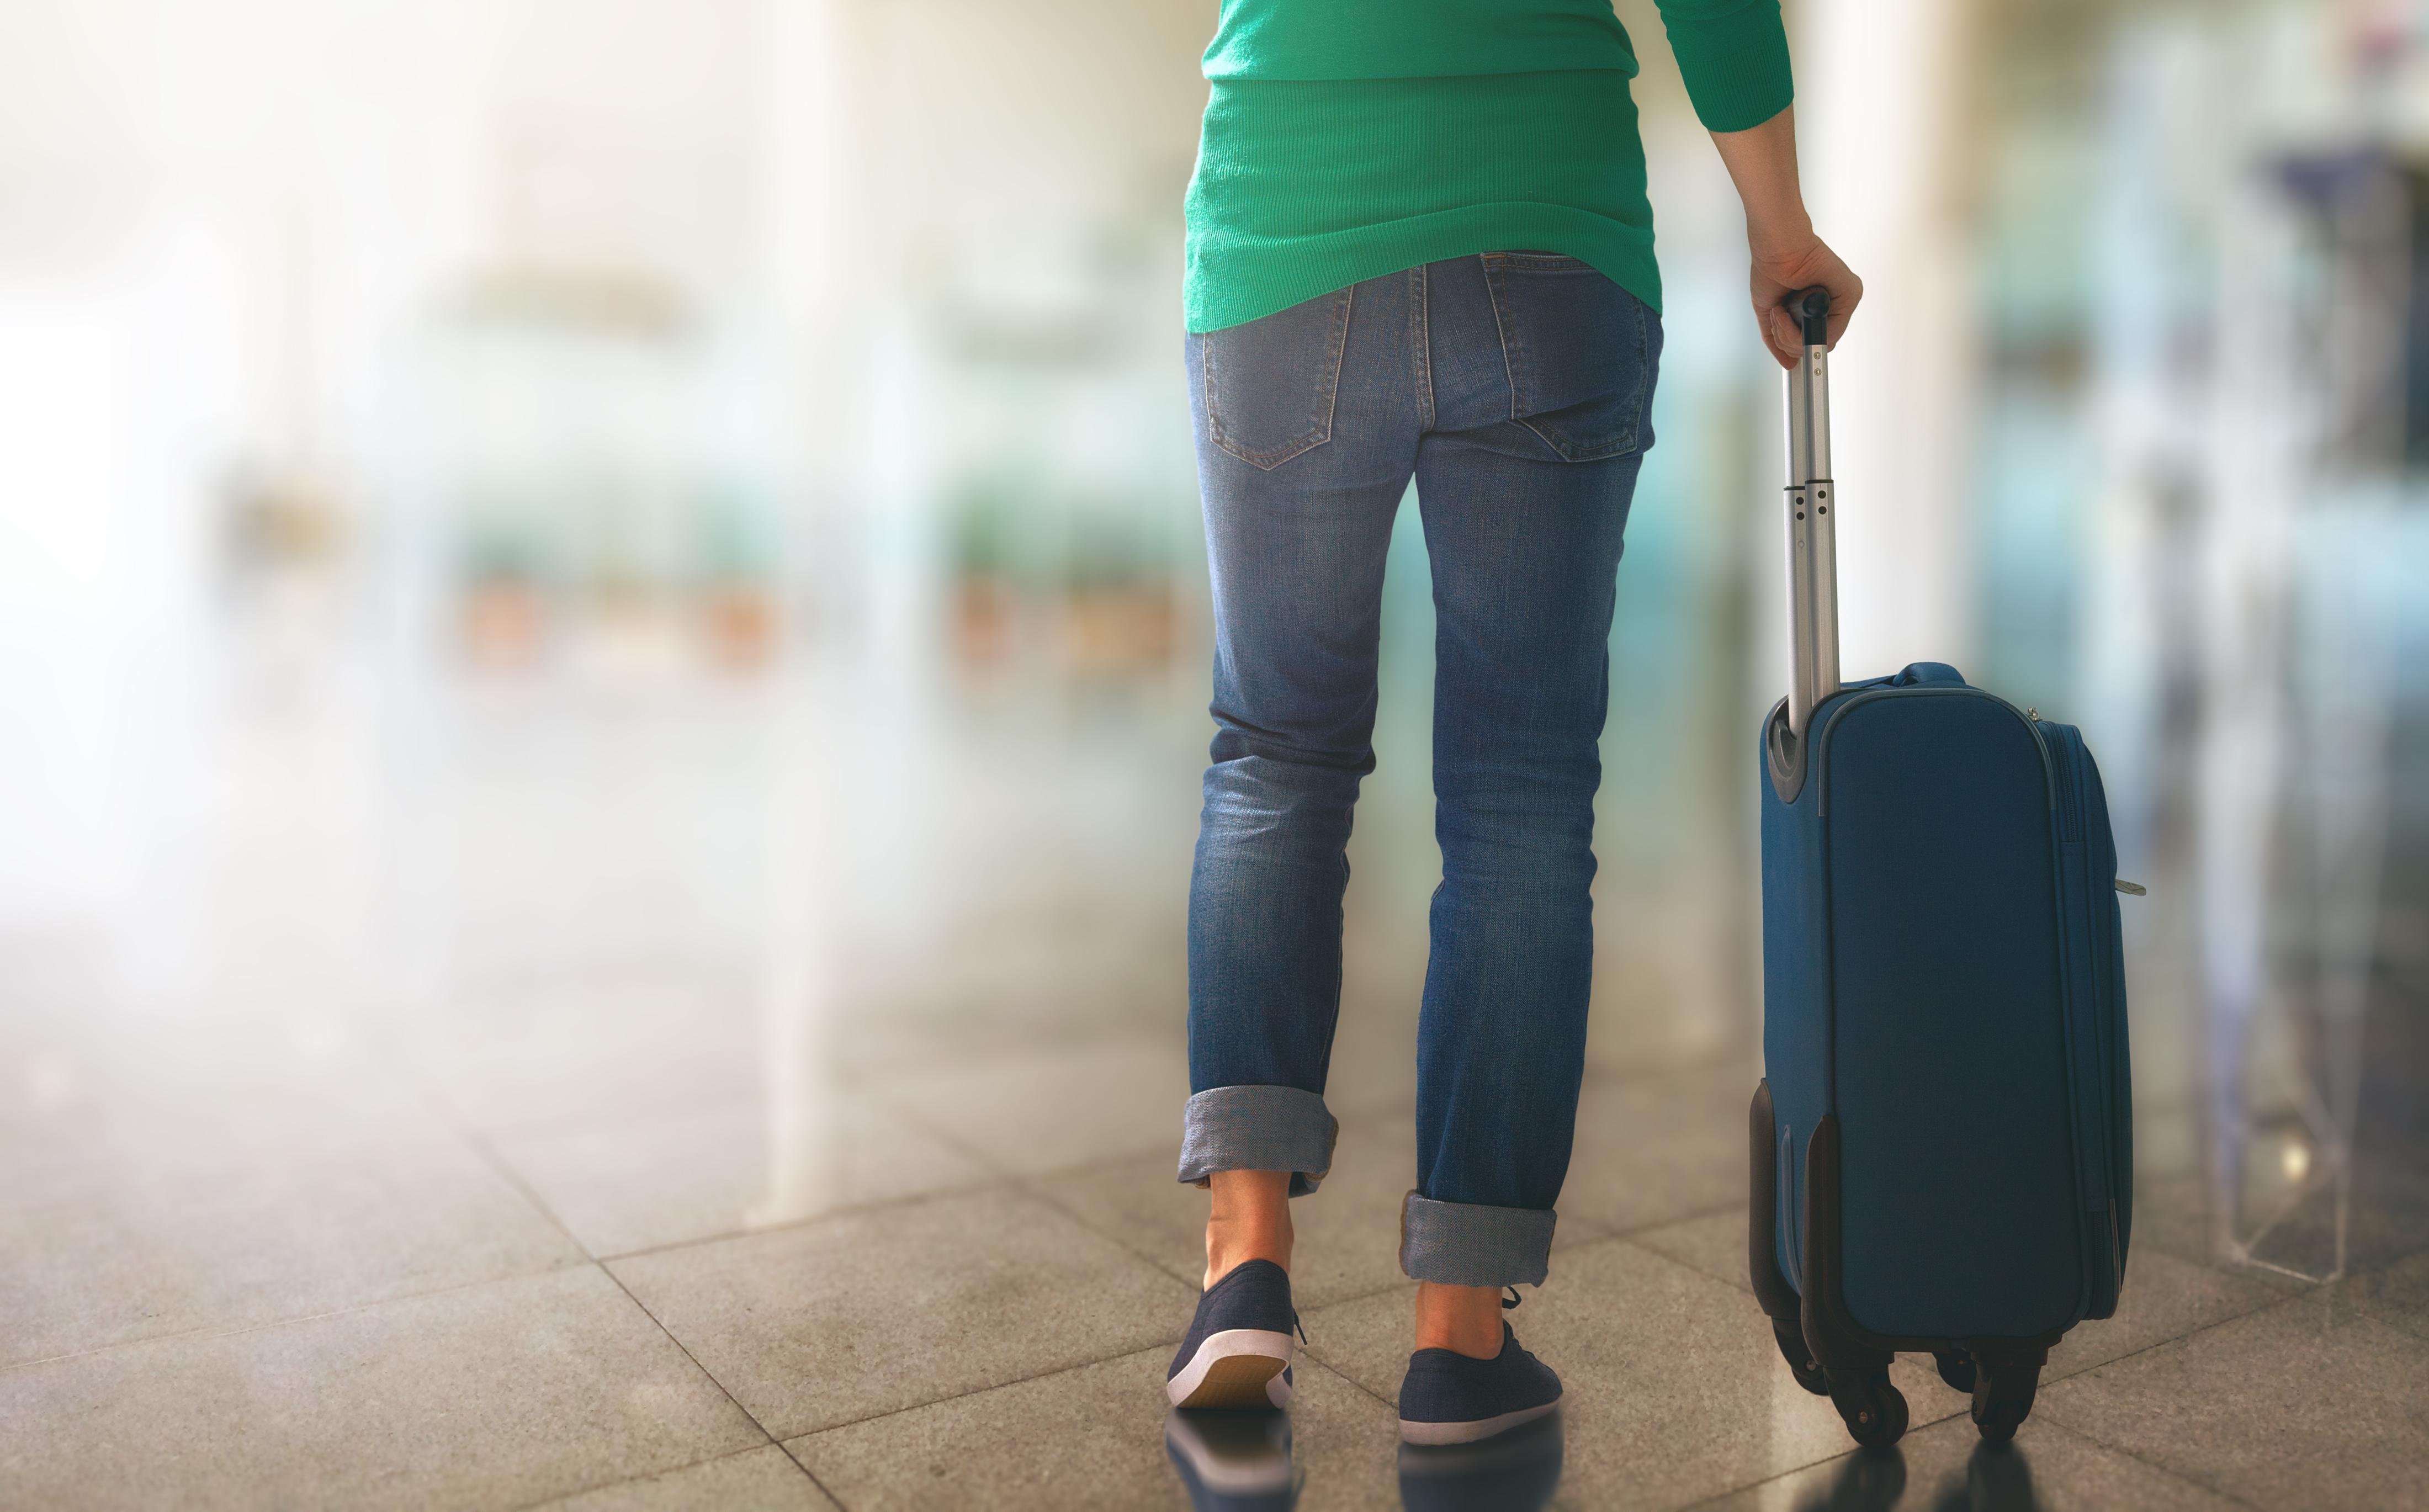 Soggiorni all\'estero fino a 3 mesi - Diritti, condizioni e formalità ...